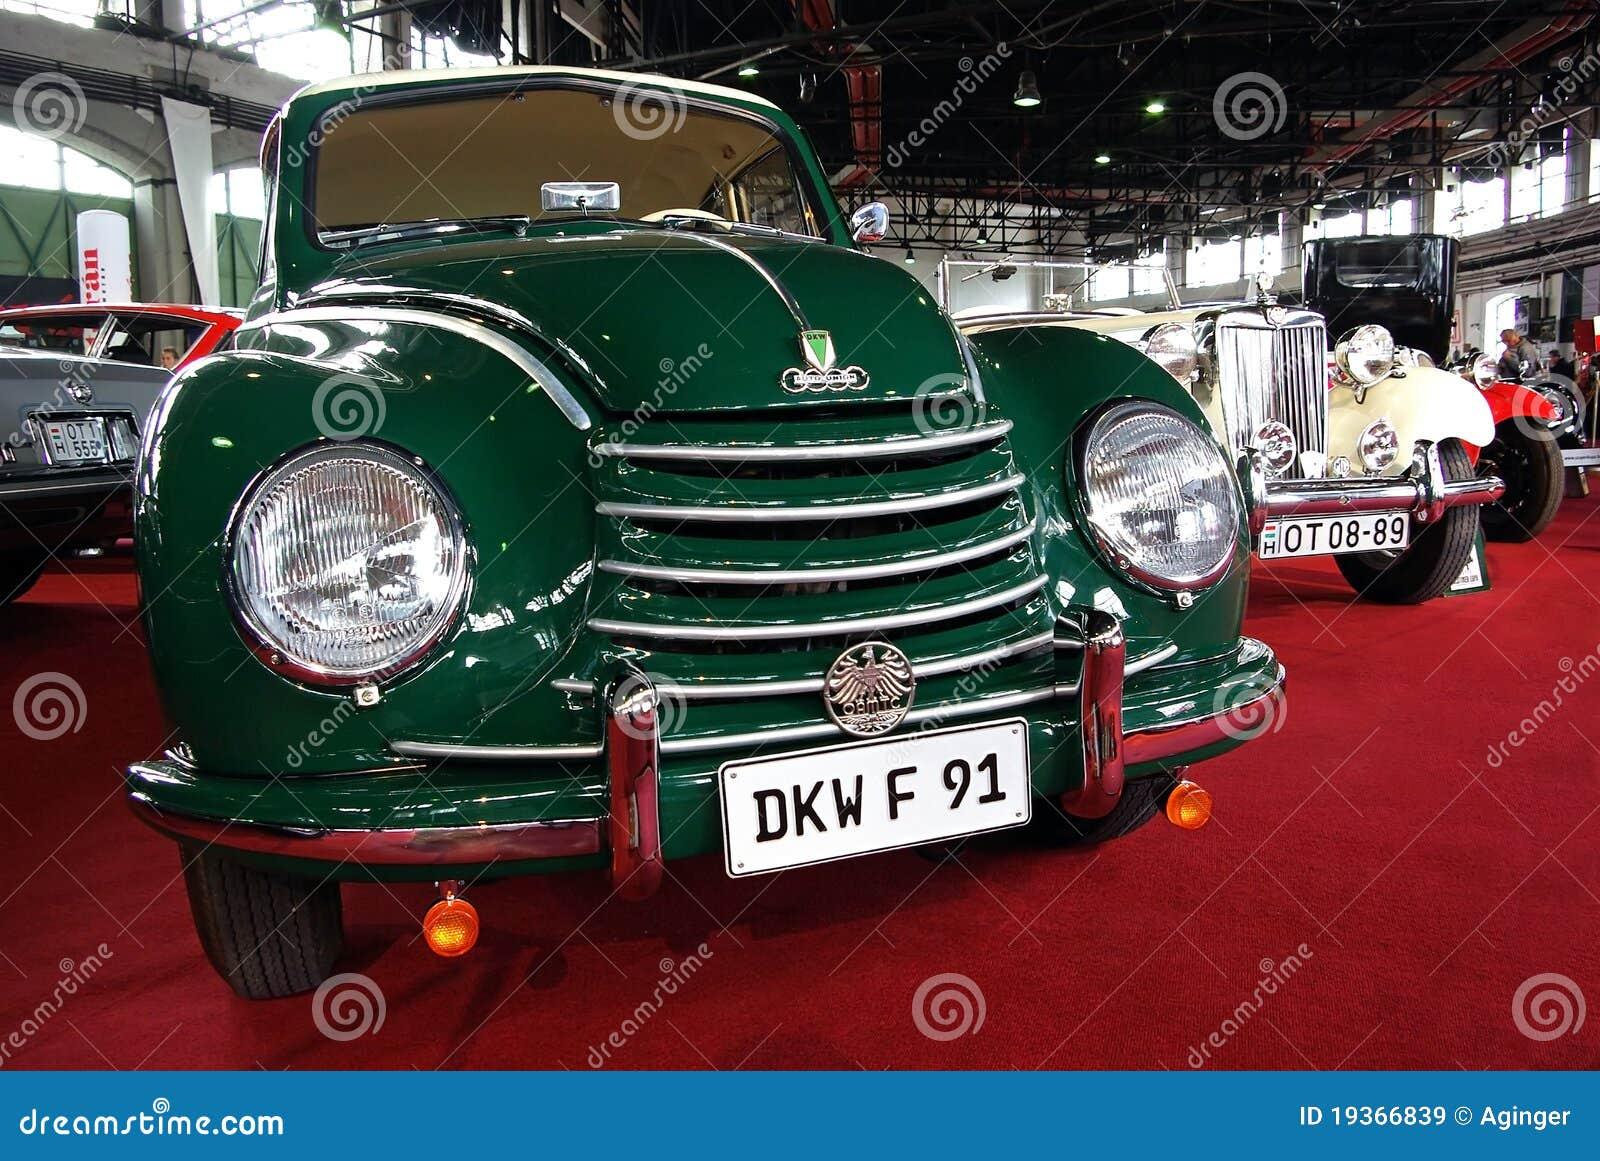 DKW F91 Sonderklasse (Audi)